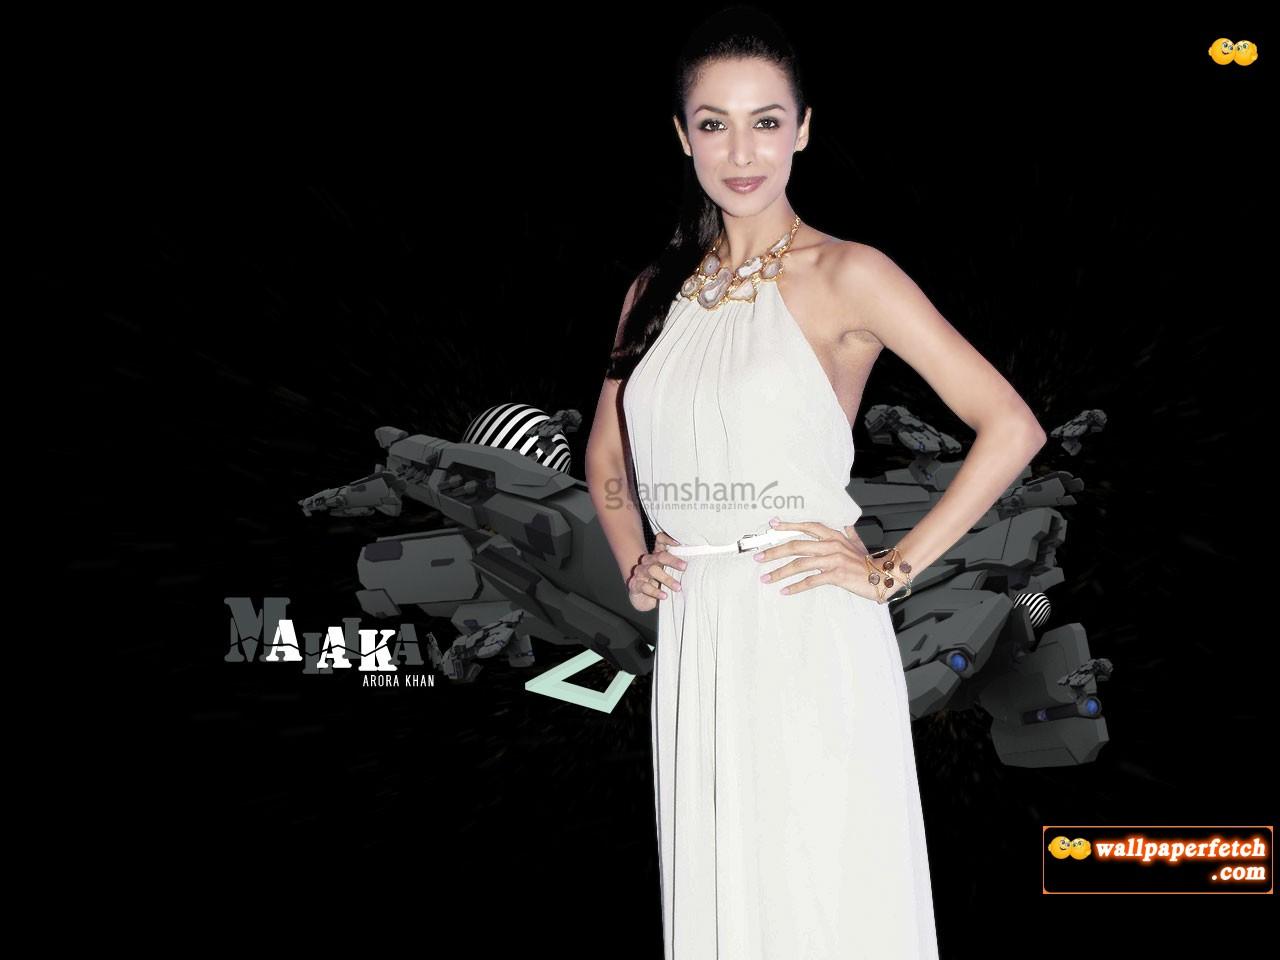 http://3.bp.blogspot.com/-gqrPka-mNAQ/UEJQO39fNII/AAAAAAAAOHA/Cf1UStF8WLk/s1600/malaika-arora-khan-wallpaper-18-12x9.jpg